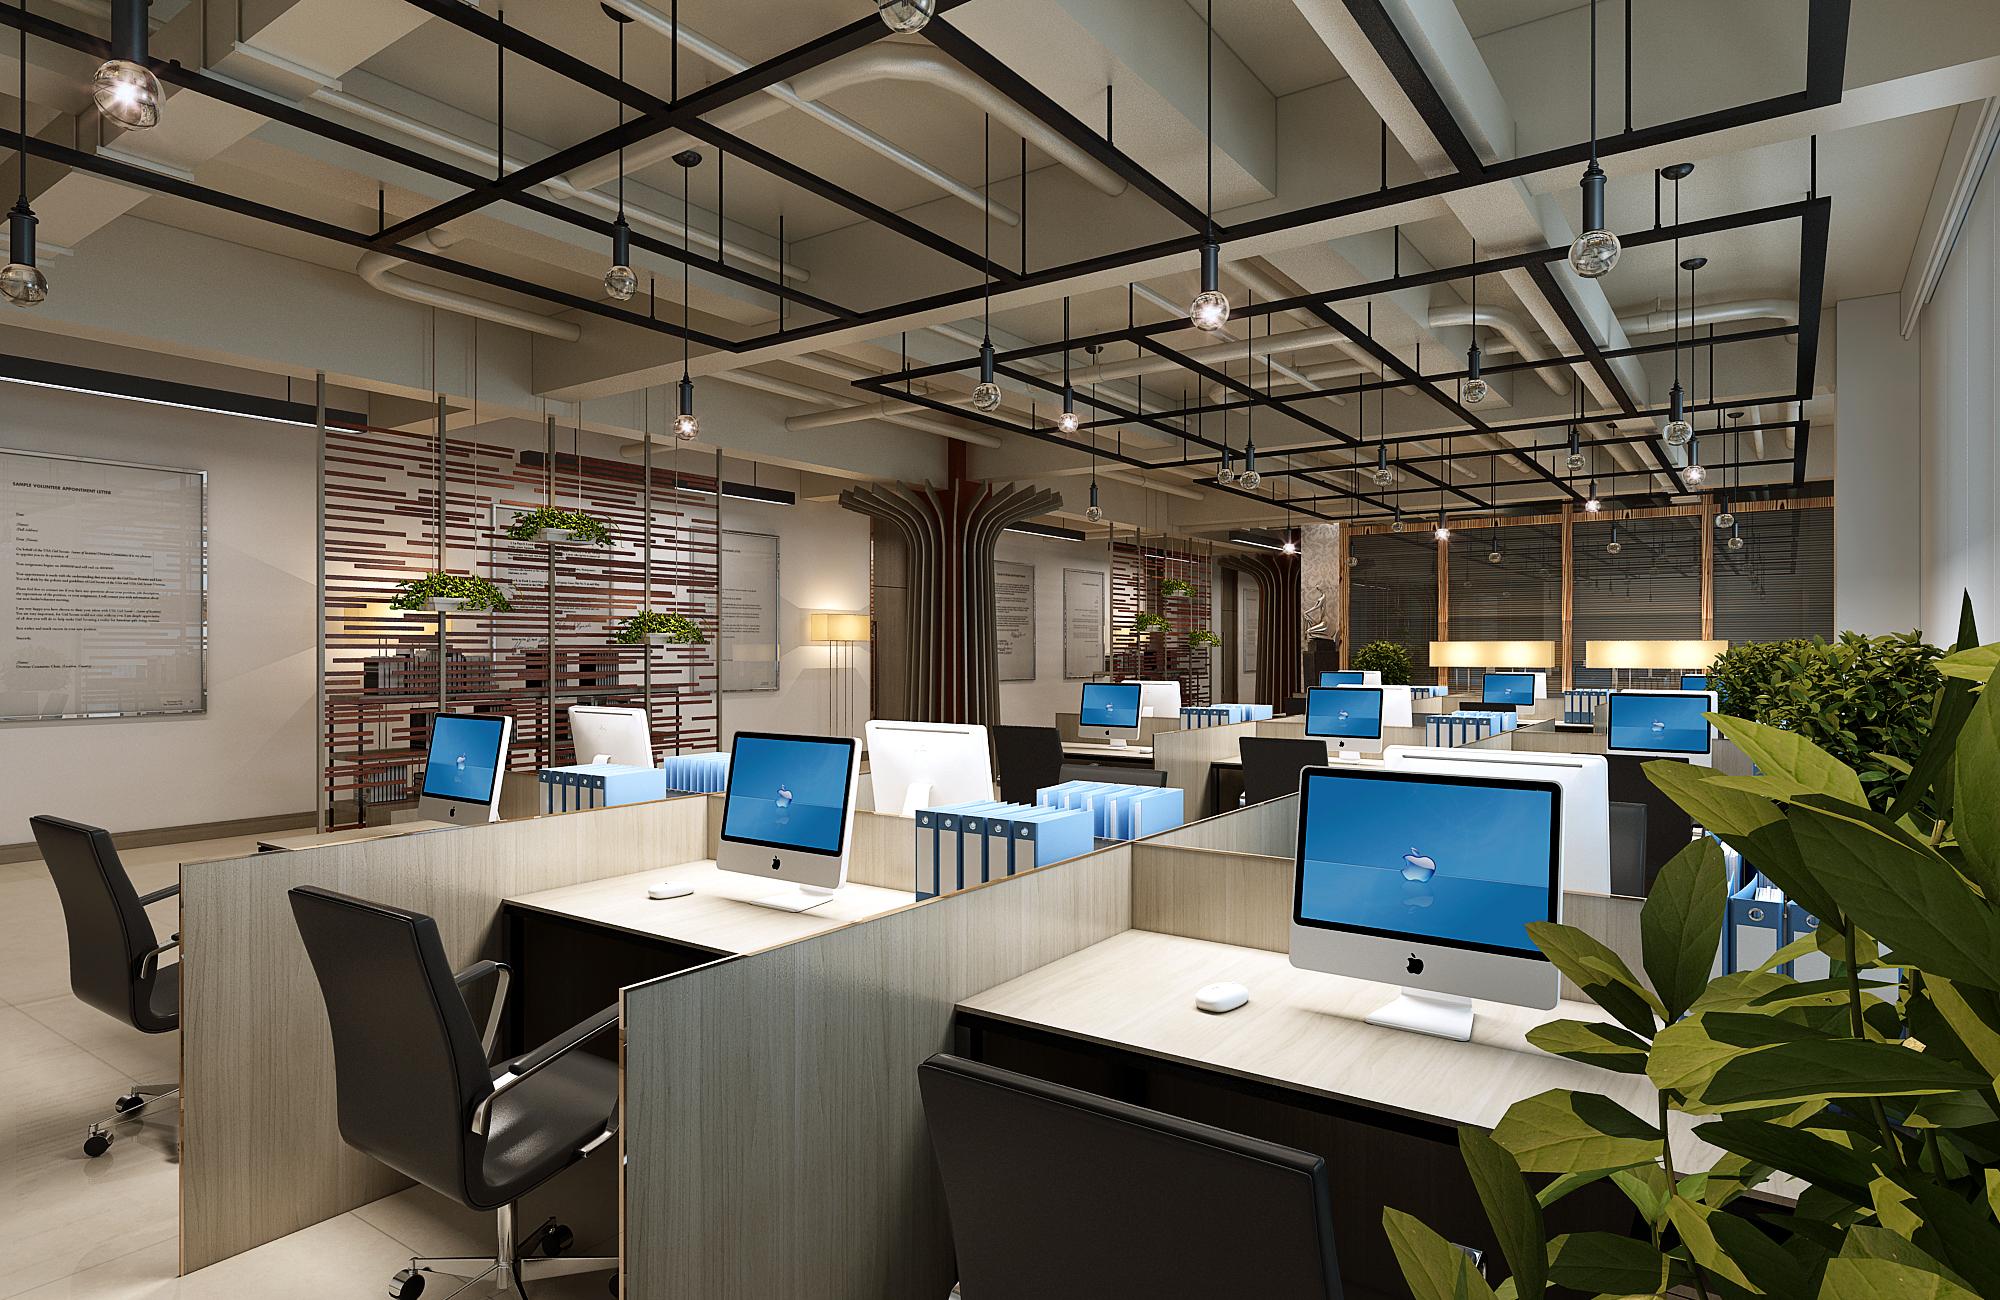 办公室设计,经理办公室,会议室,接待前台,现代简约,效果图.